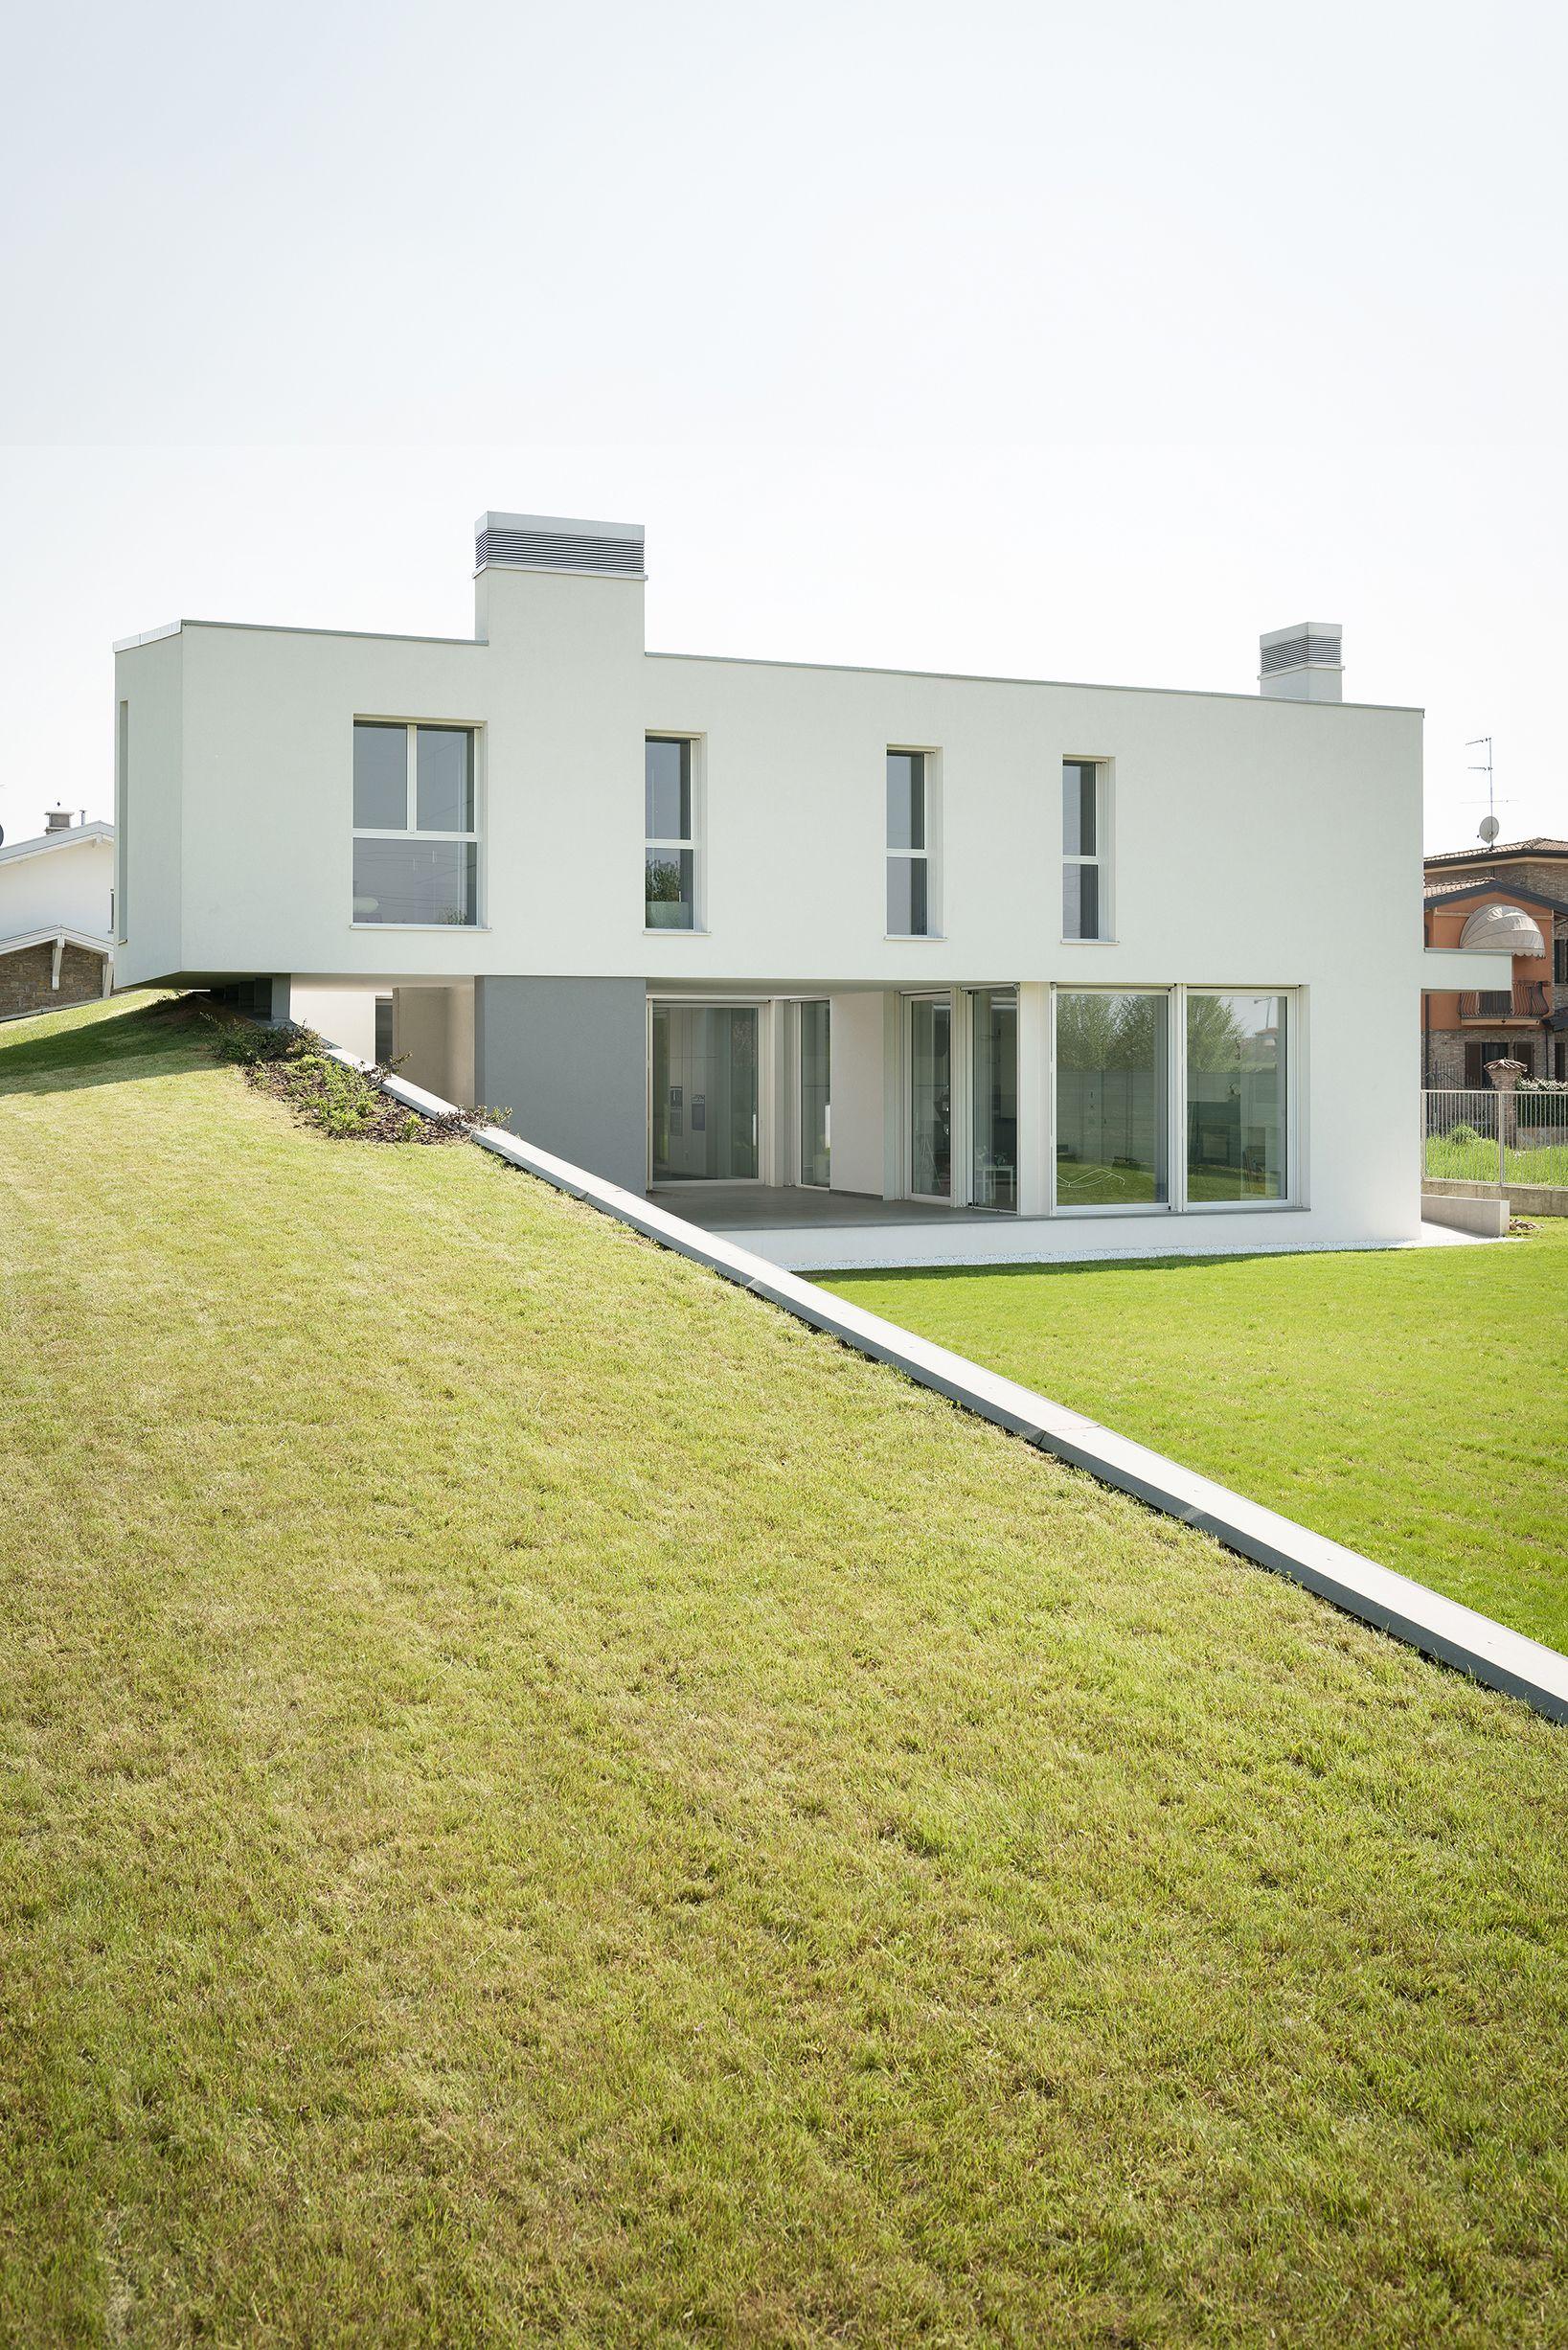 Colore Esterno Casa Moderna una casa a corte moderna nell'hinterland di milano disegnata